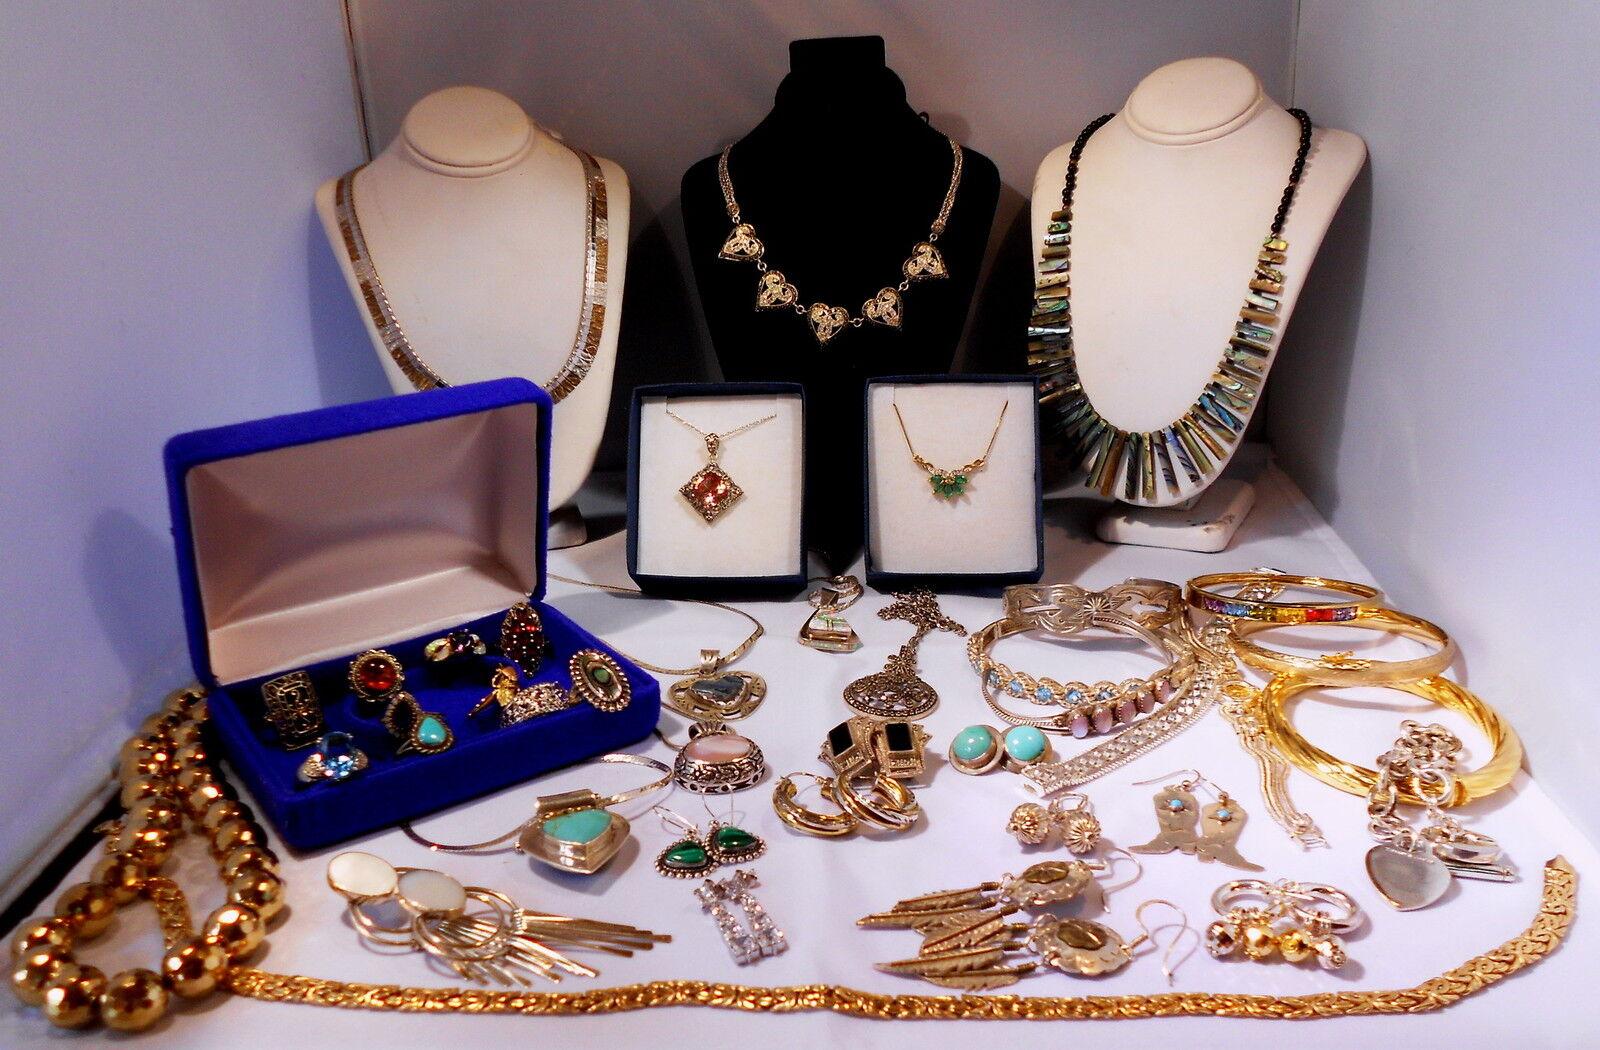 Kathy's Klassy And Klassic Jewelry